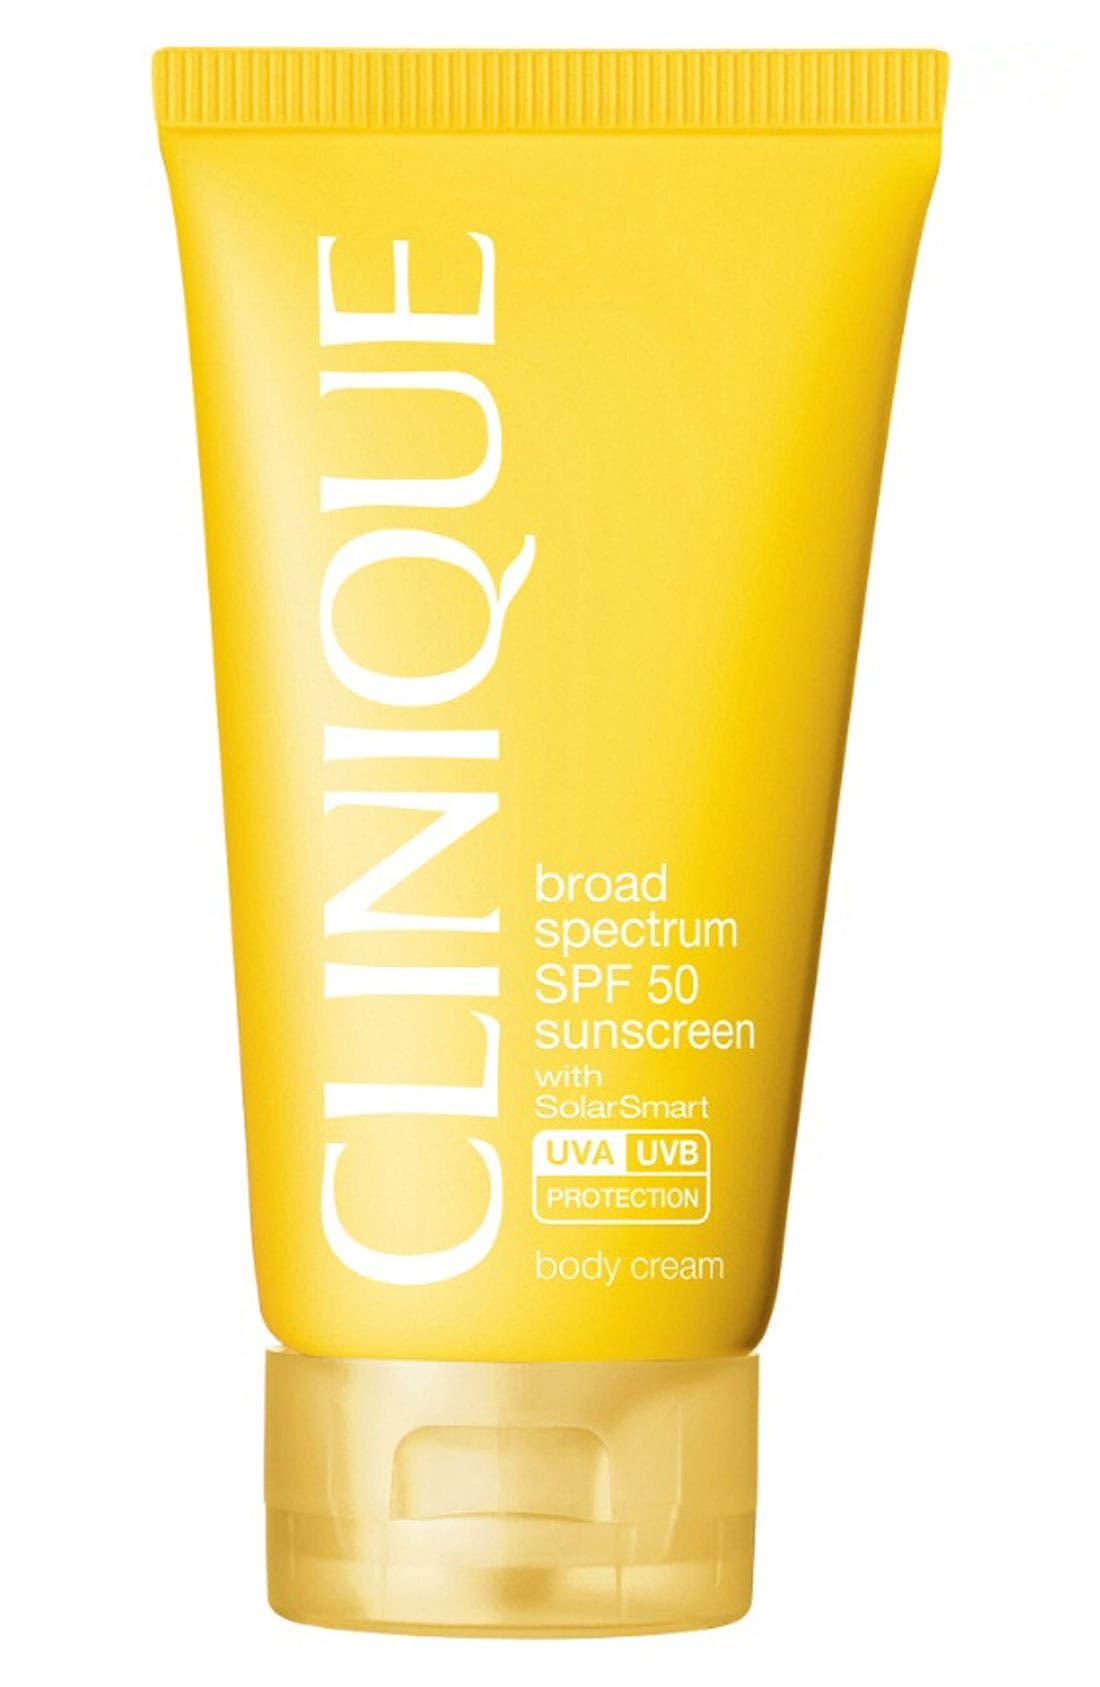 CLINIQUE, Sun Broad Spectrum SPF 50 Body Cream, Main thumbnail 1, color, NO COLOR